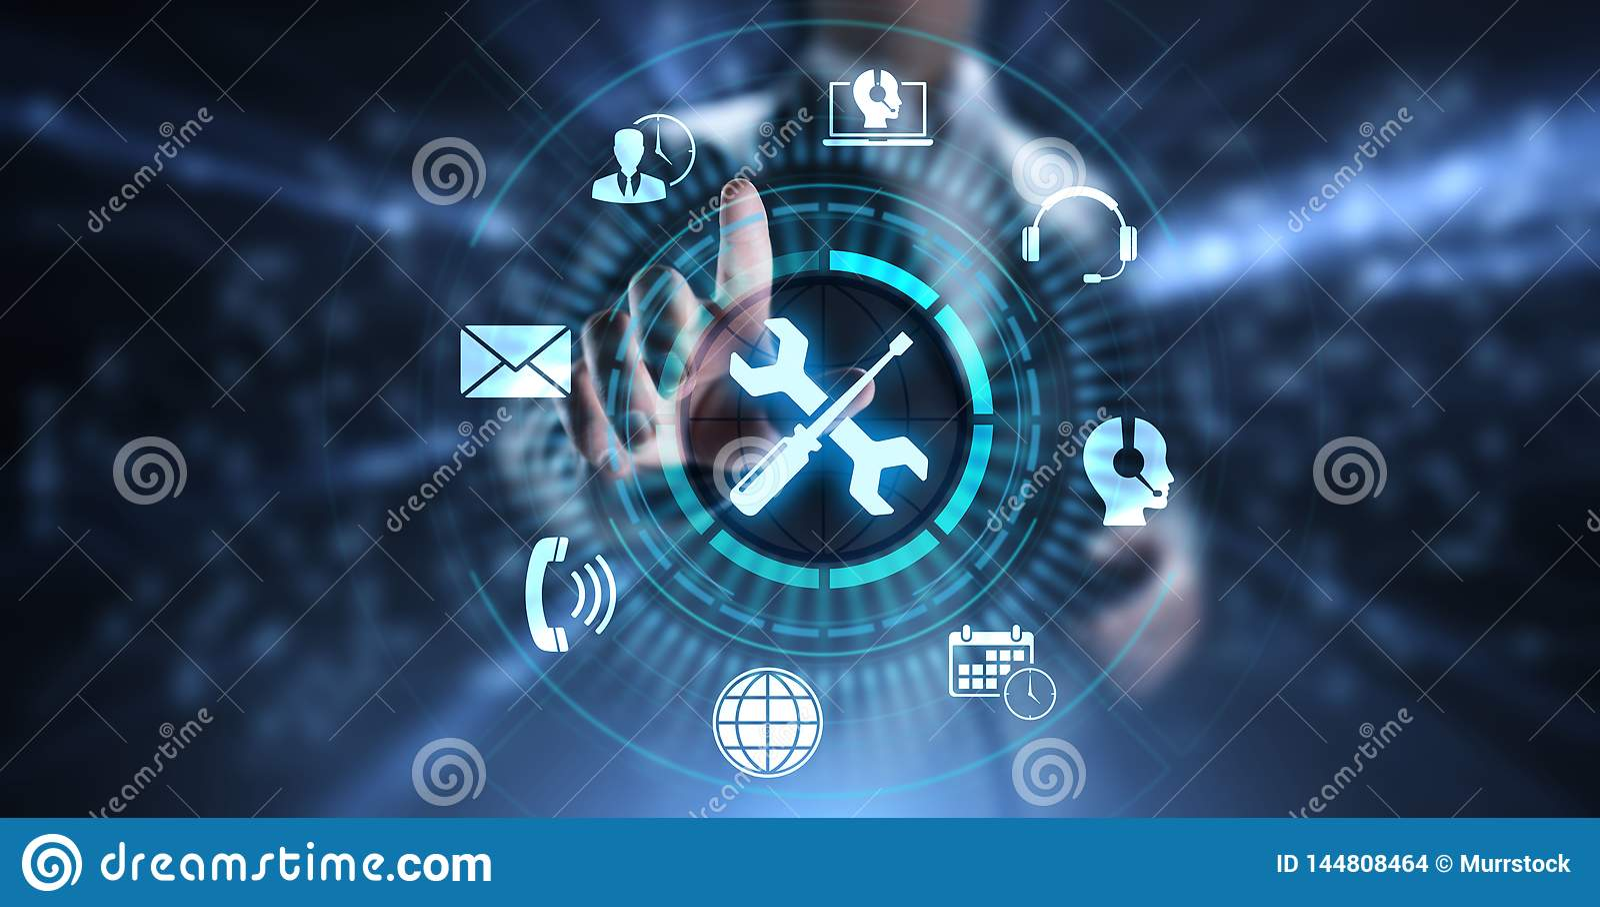 Έννοια εξασφάλισης ποιότητας εγγύησης εξυπηρέτησης πελατών τεχνικής υποστήριξης